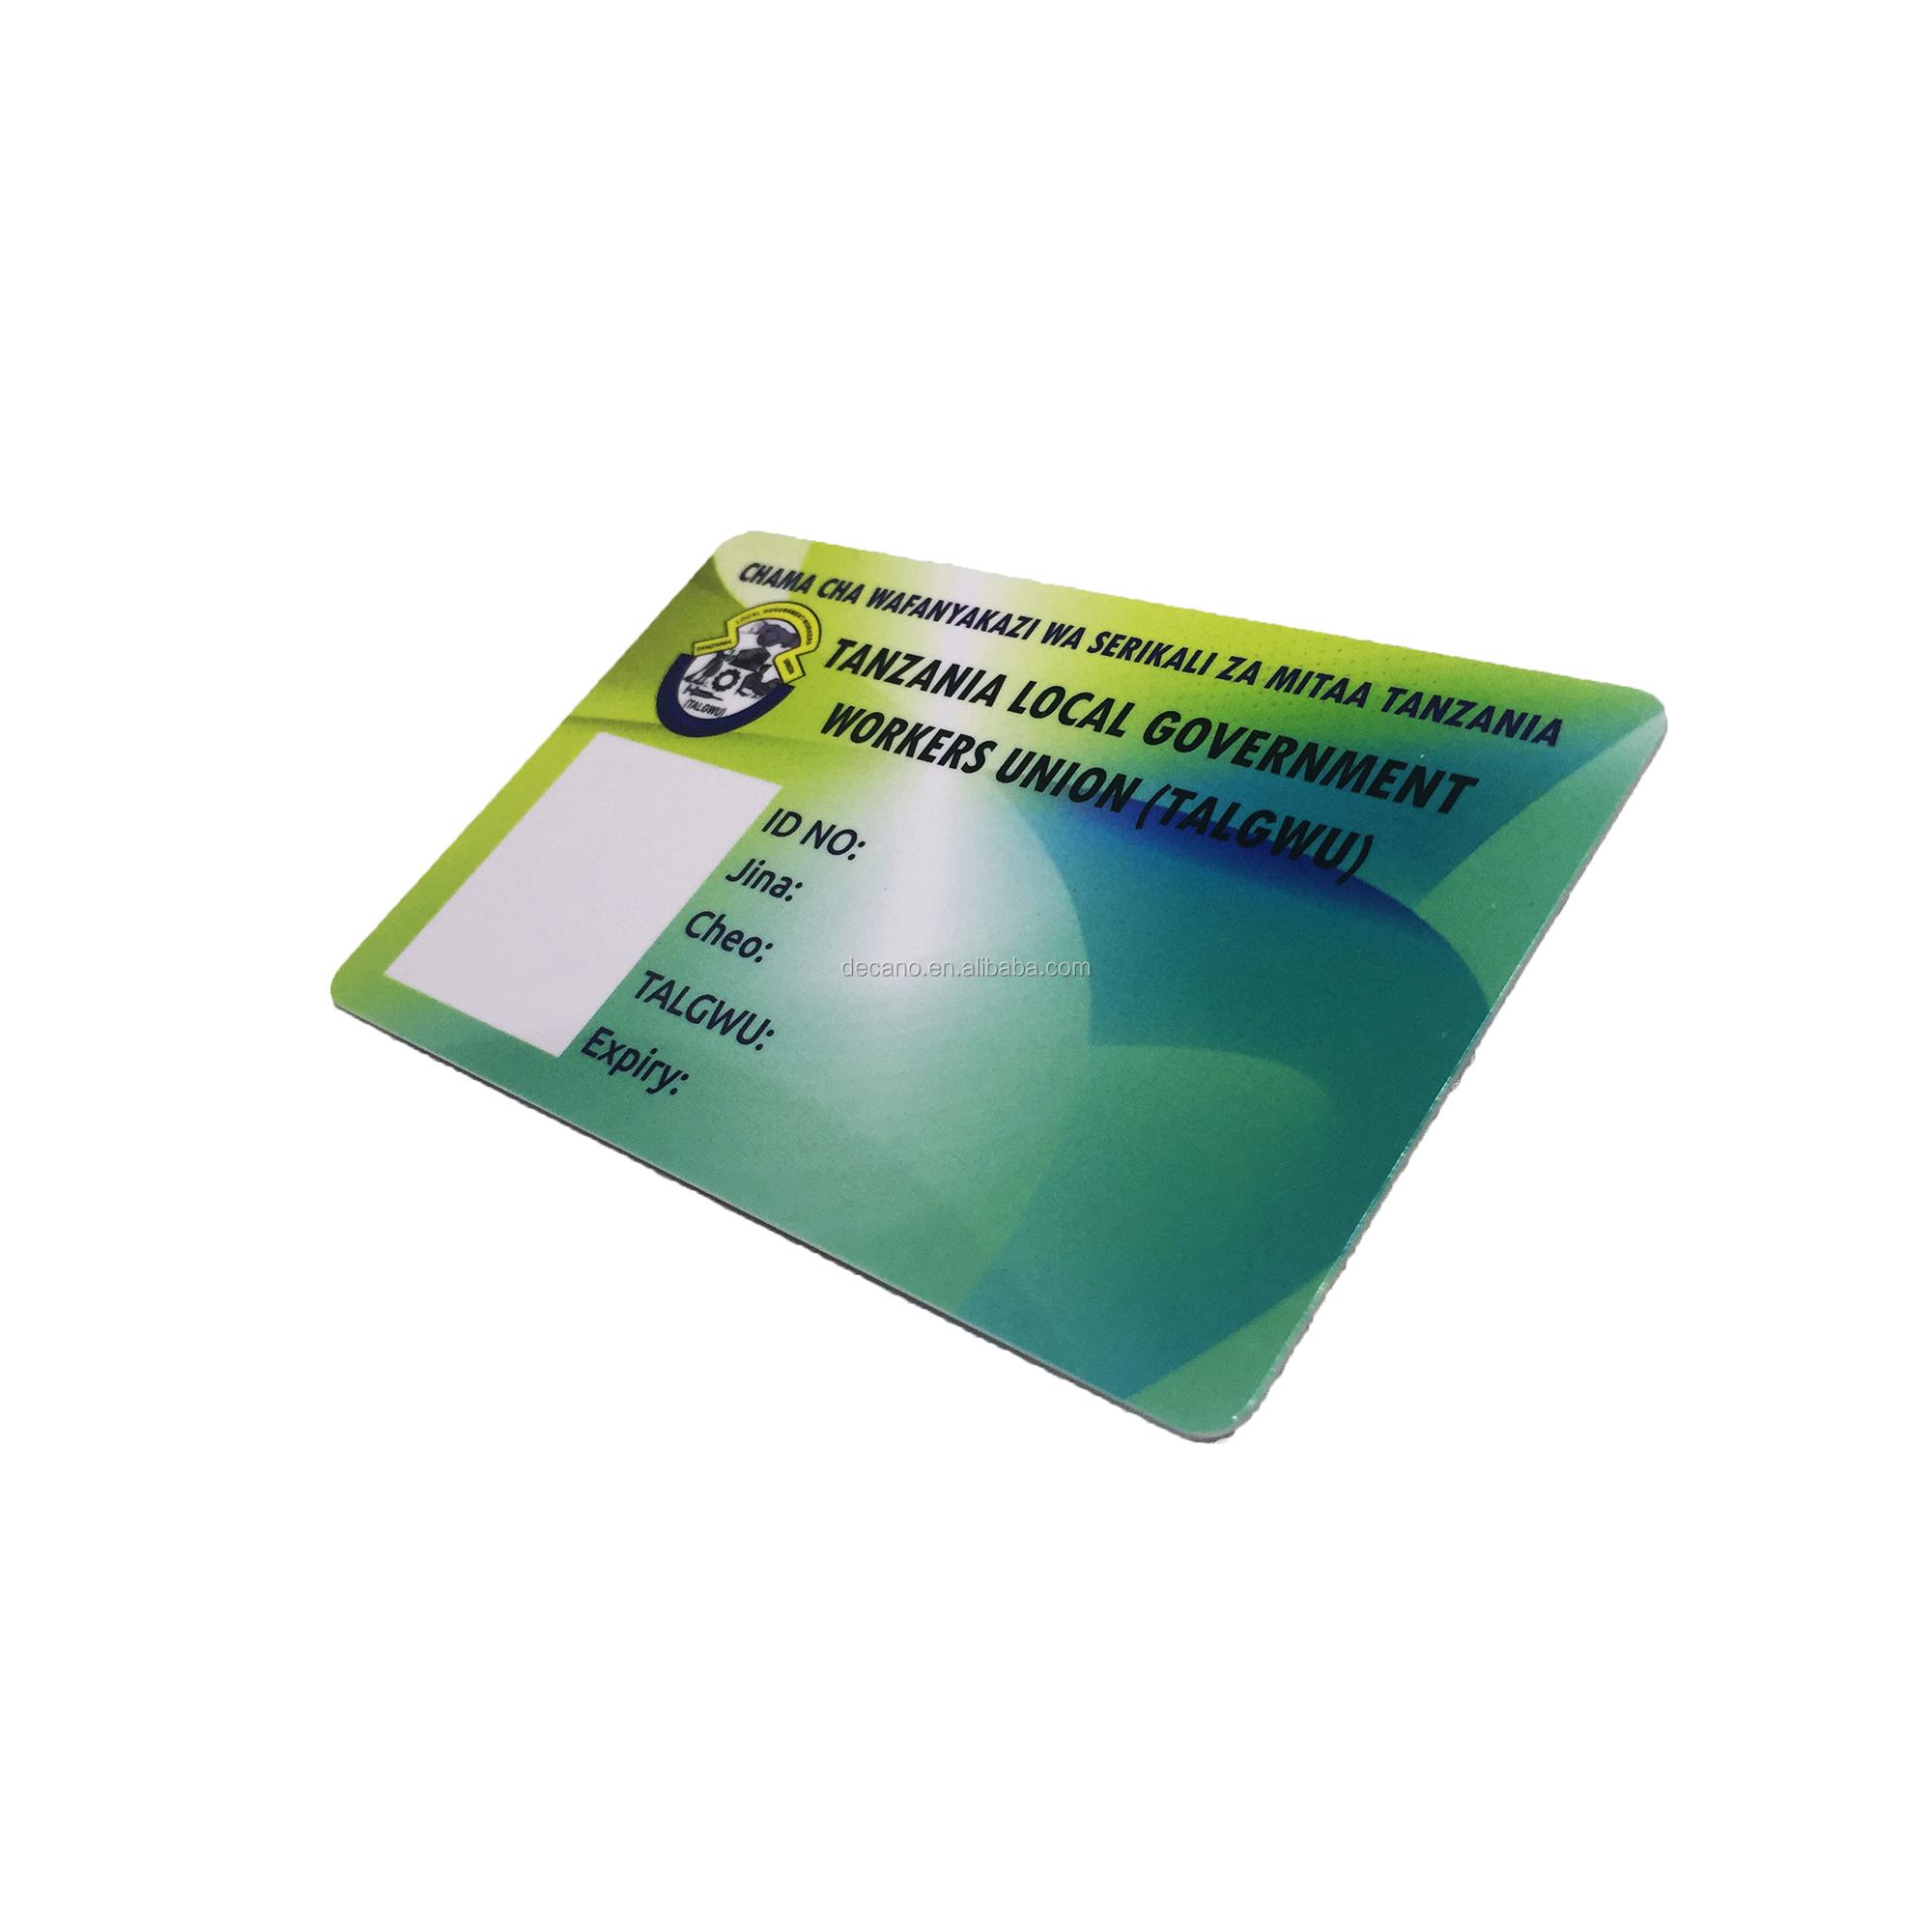 印刷の Hi-co 系磁気ストライプバーコード